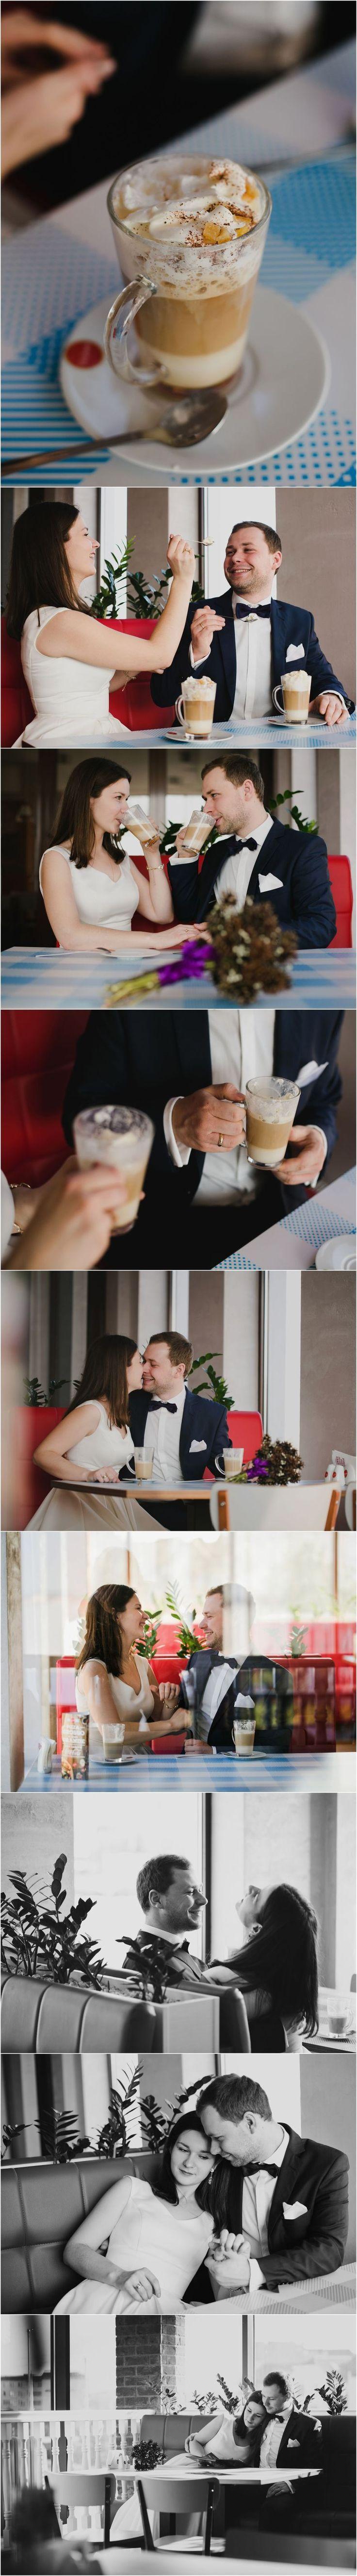 Marta i Dominik, zimowy ślub w Ełku, Fotograf Ełk, Fotograf ślubny kamilakowalik.com, Wesele w zimie.